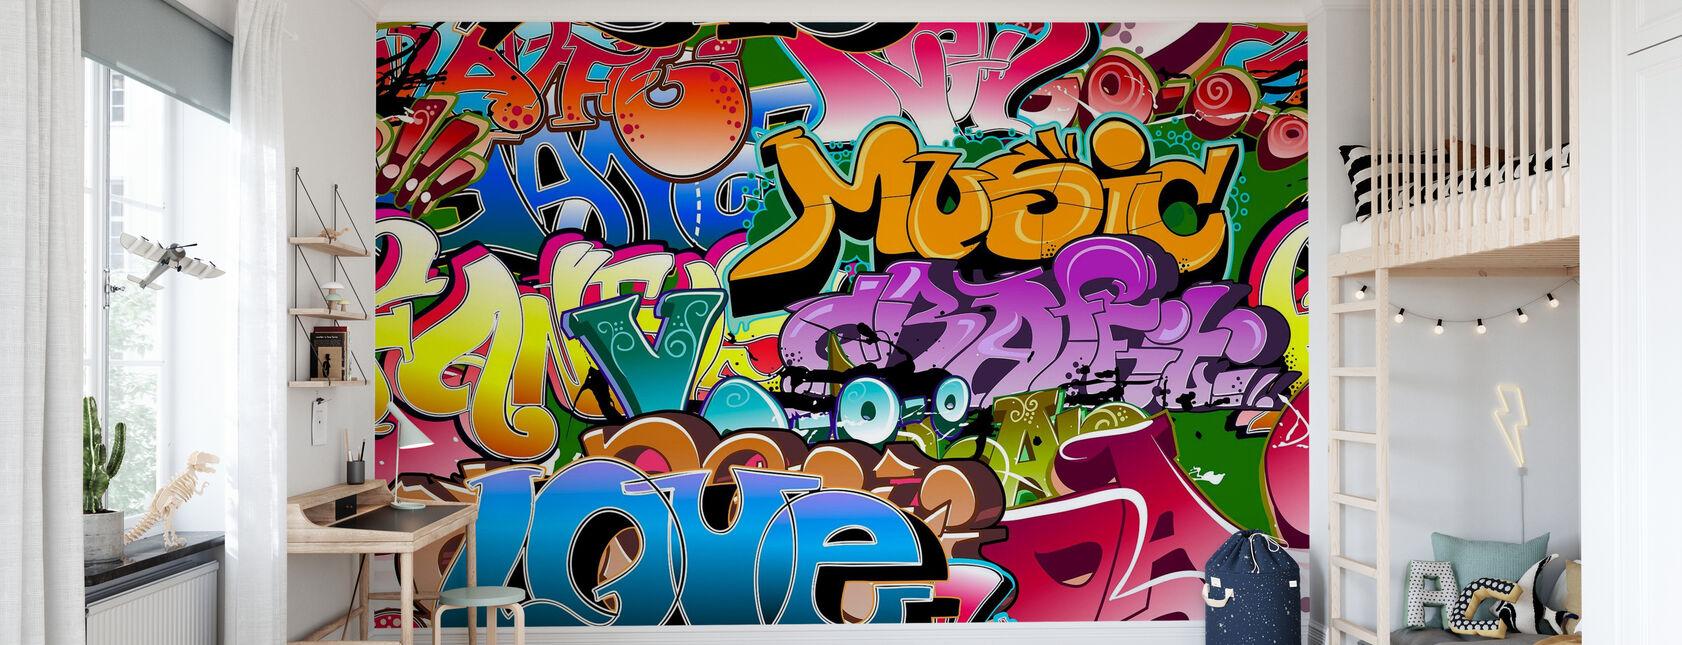 Musik Kærlighed Graffiti - Tapet - Børneværelse